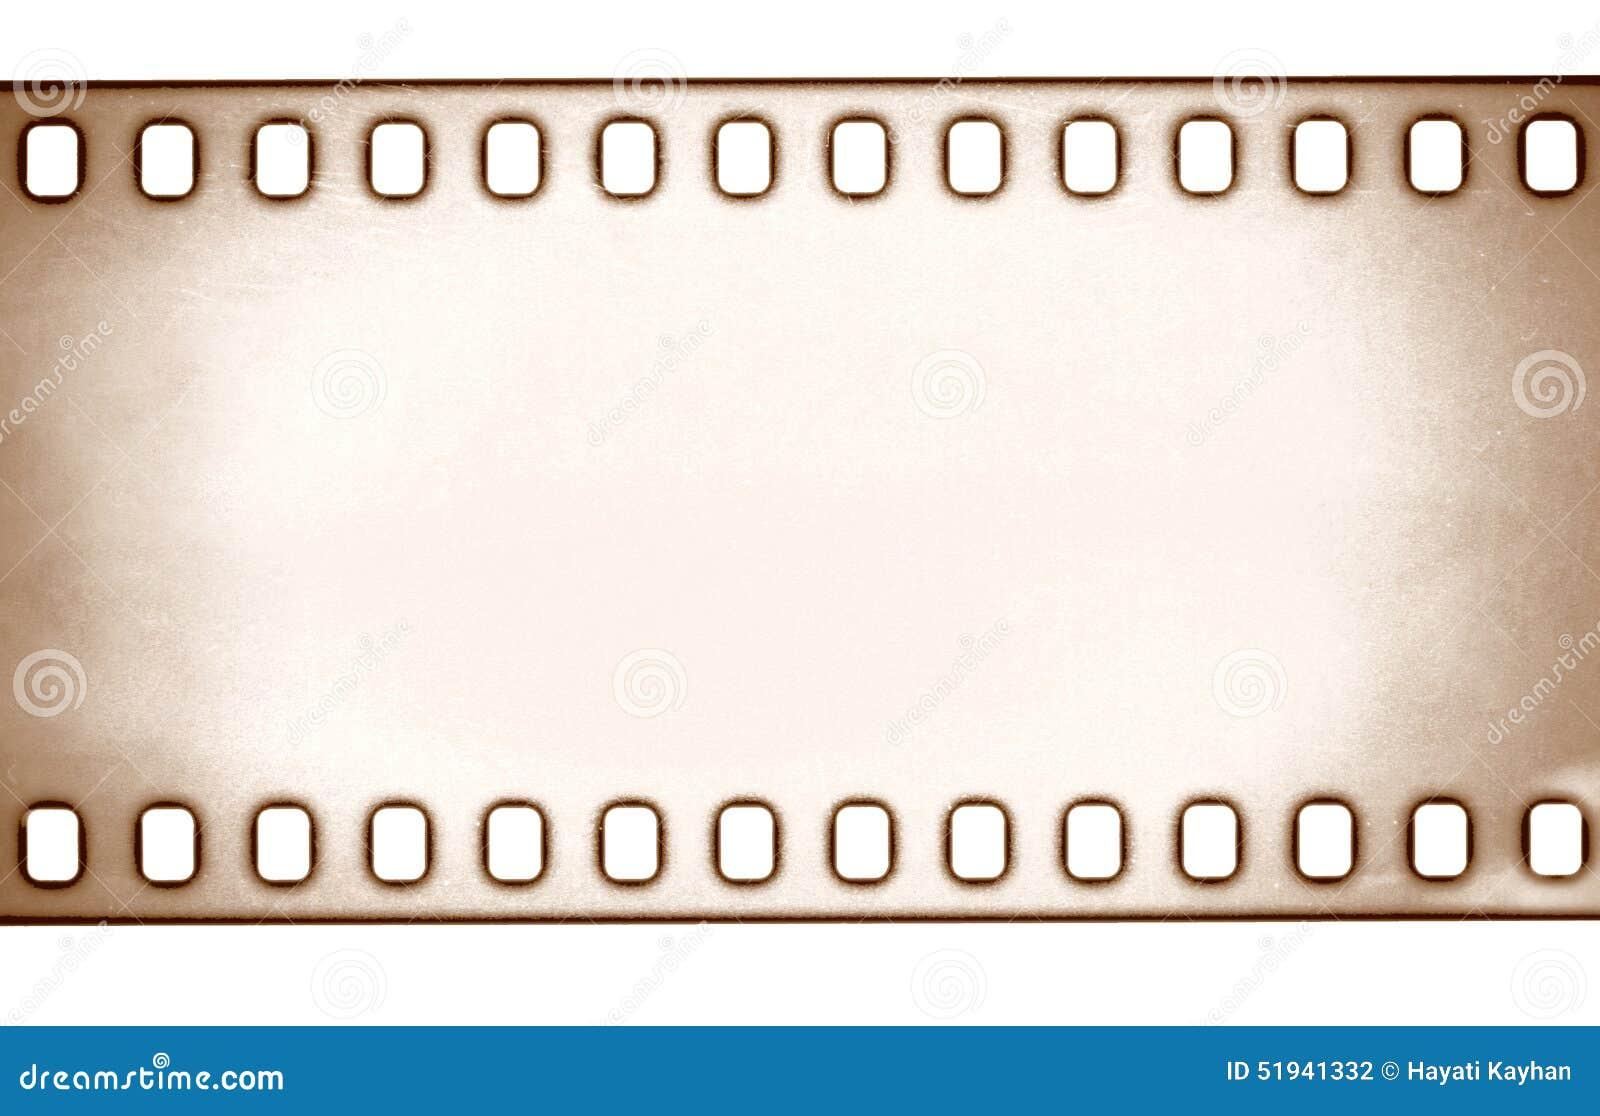 wit movie download